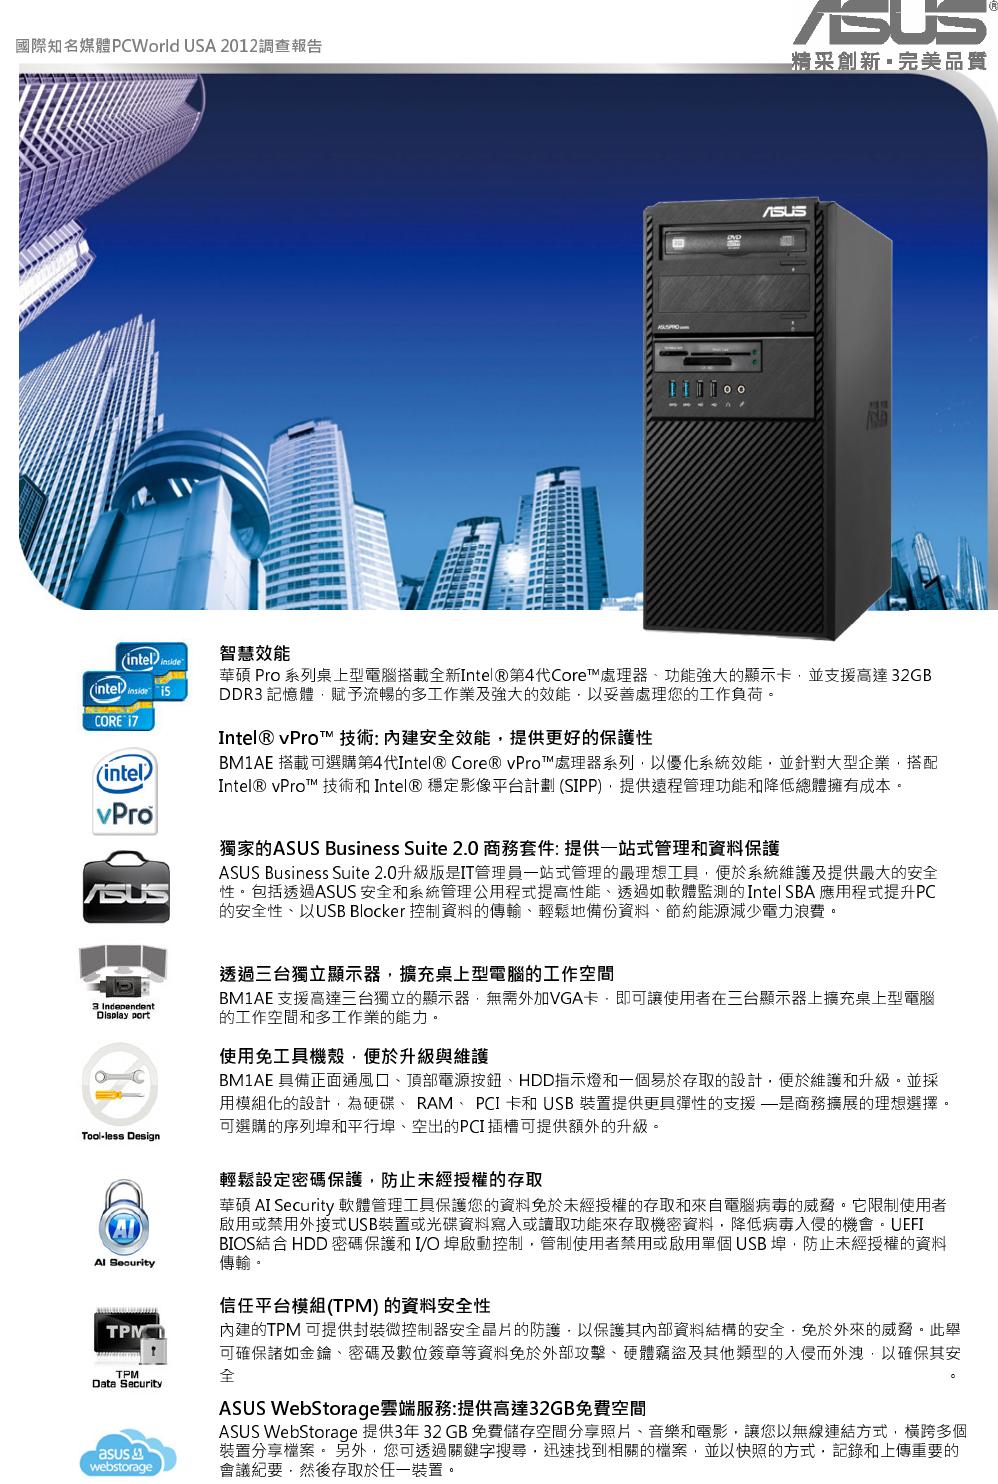 ASUS BM1AE INTEL USB 3.0 WINDOWS 8 X64 DRIVER DOWNLOAD